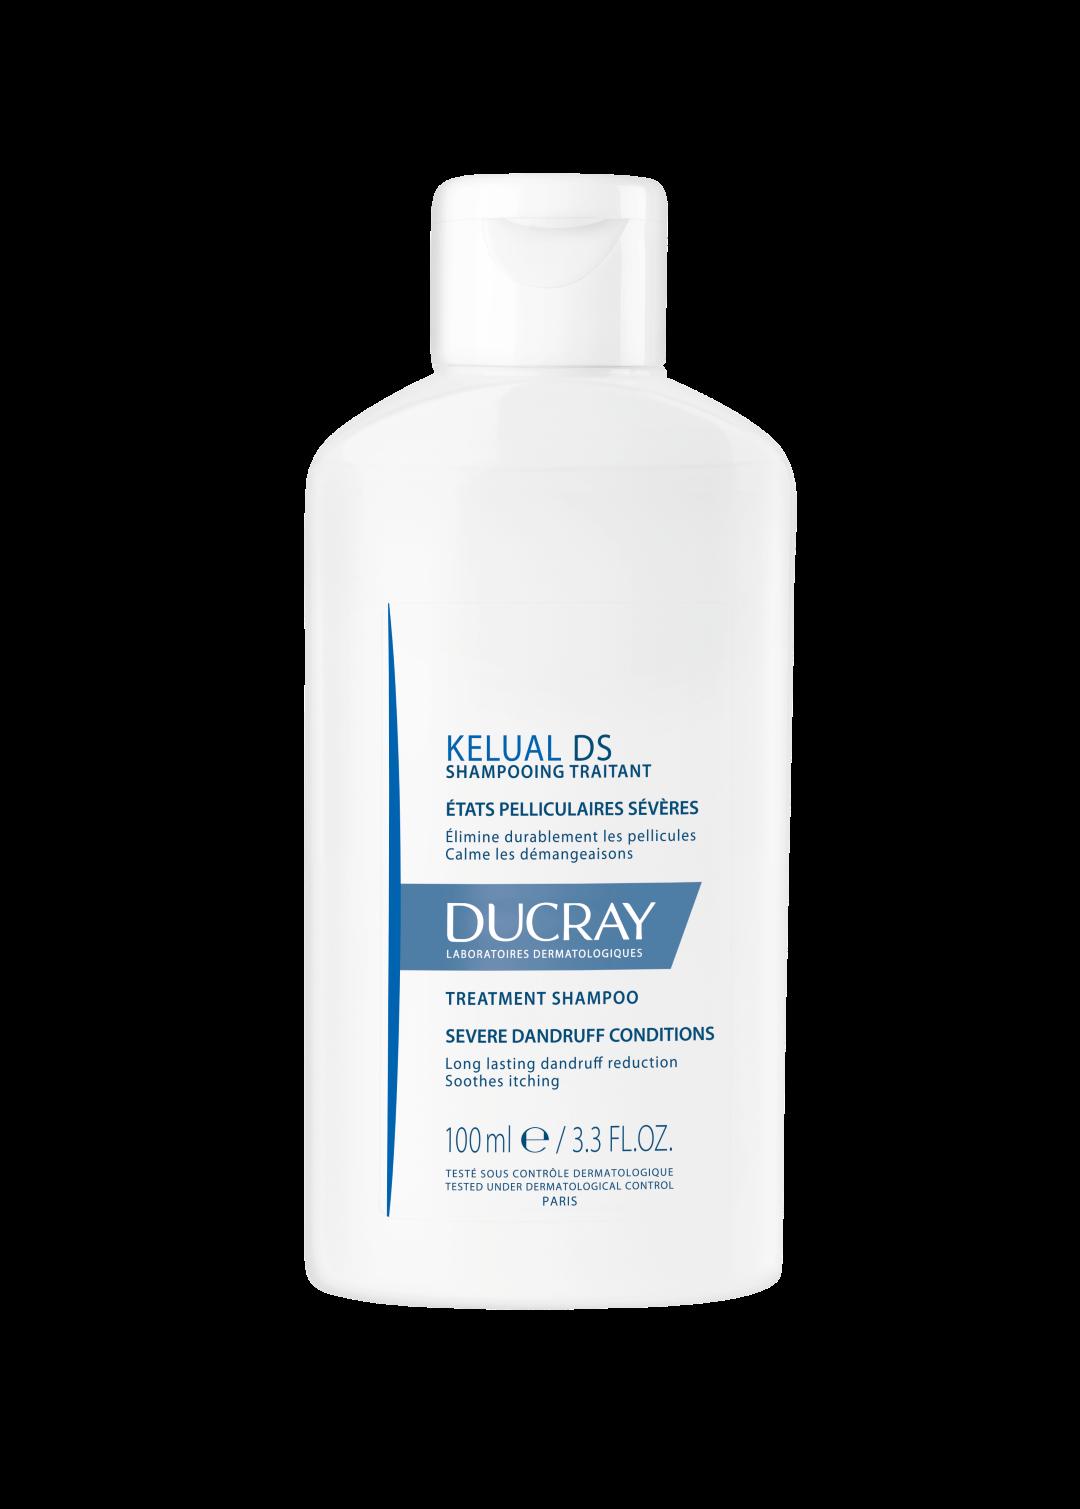 KELUAL DS tretman šampon